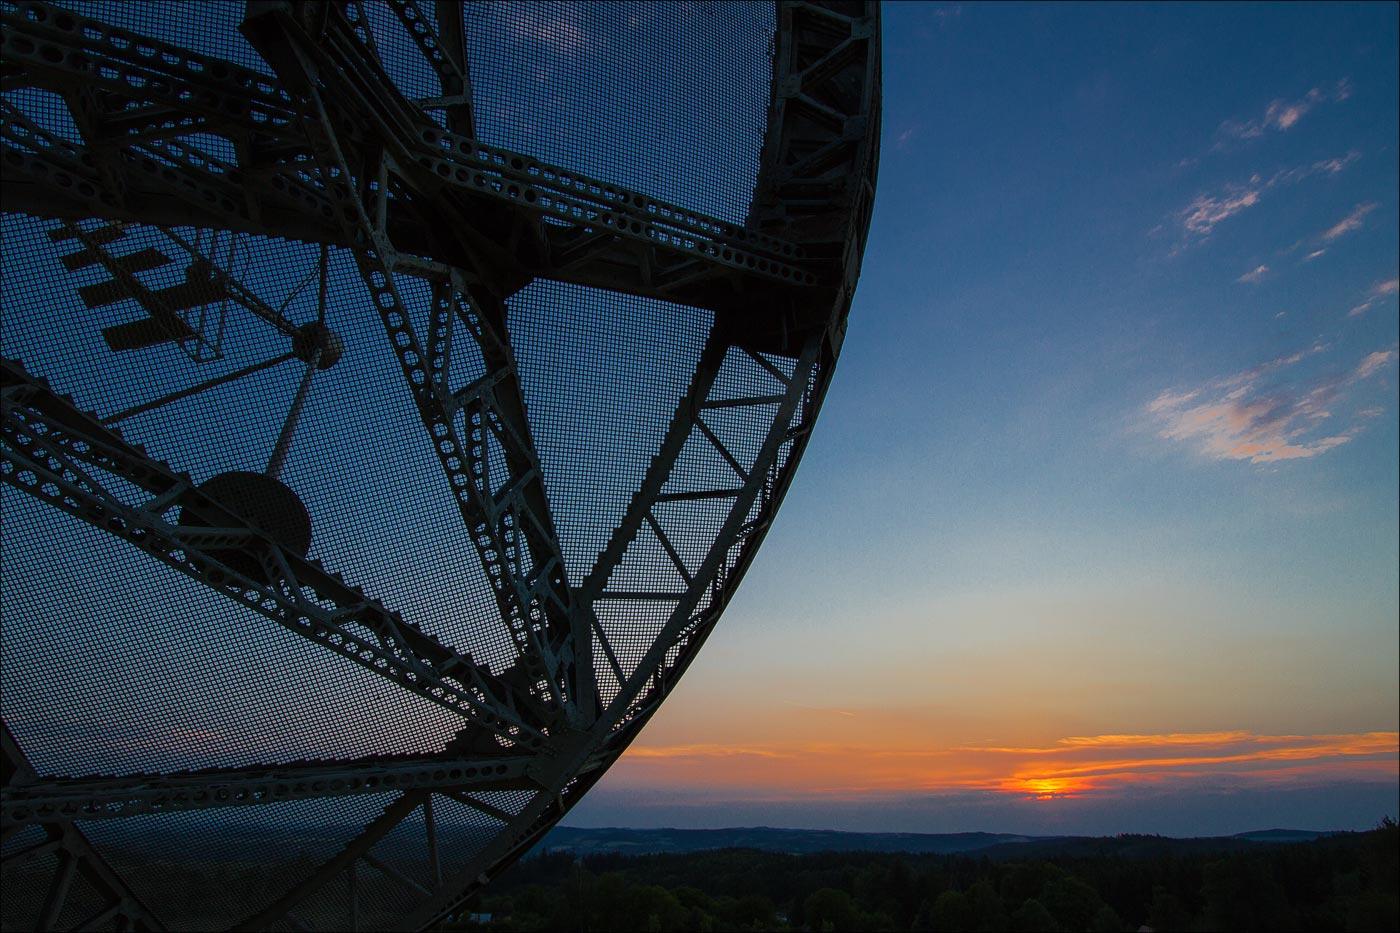 Астрономическая обсерватория Ондржейов, Чехия